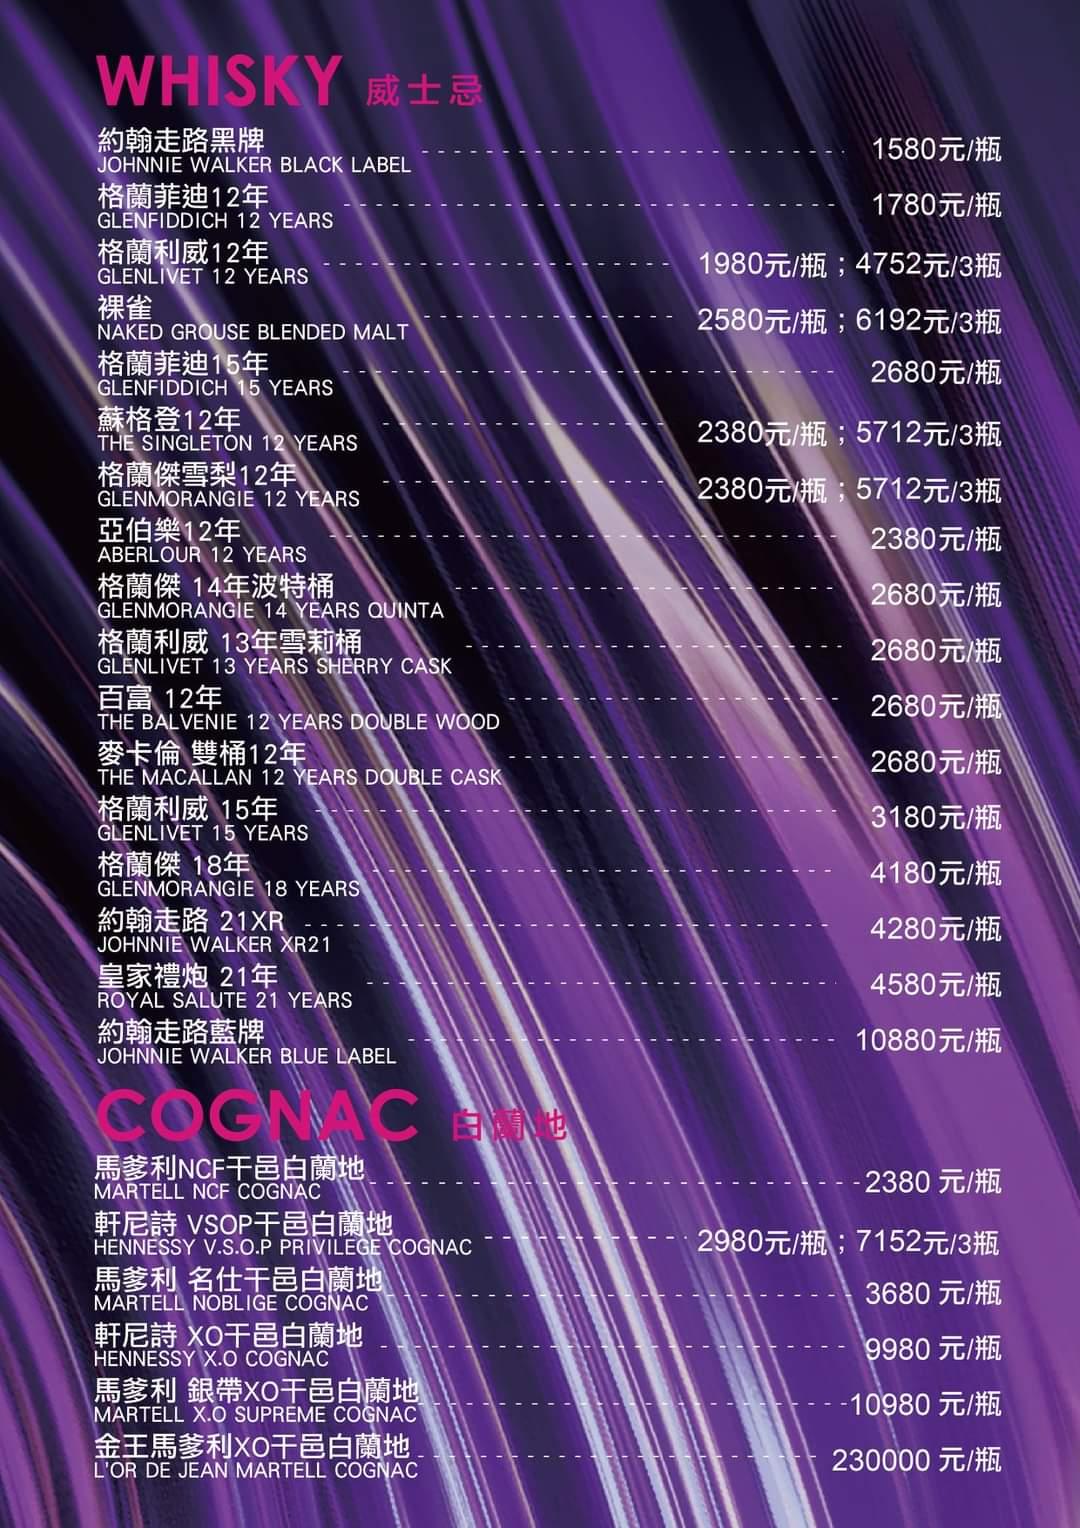 Sing Go 聚唱KTV 忠孝店 - Sing go聚唱派對 KTV 訂位專區